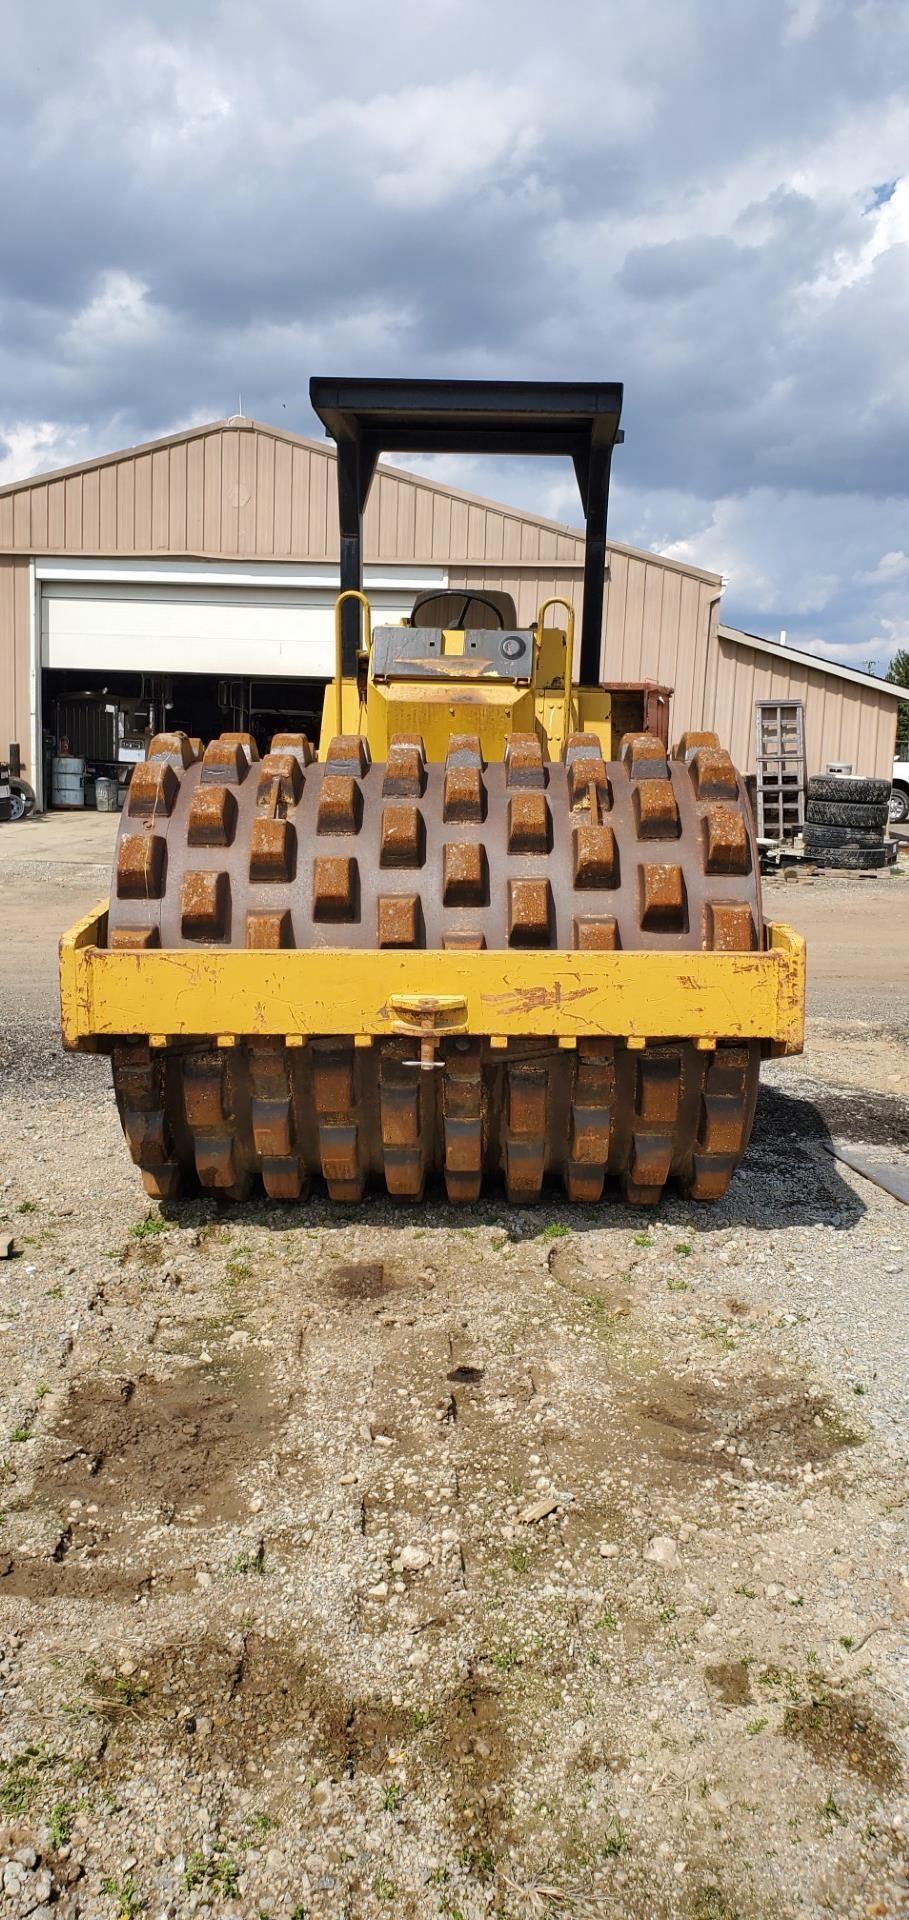 Bomag Model BW 213 Vibratory Roller w/ Shell Kit, s/n 101400250137, 3016 Hours, Deitz Diesel - Image 3 of 8